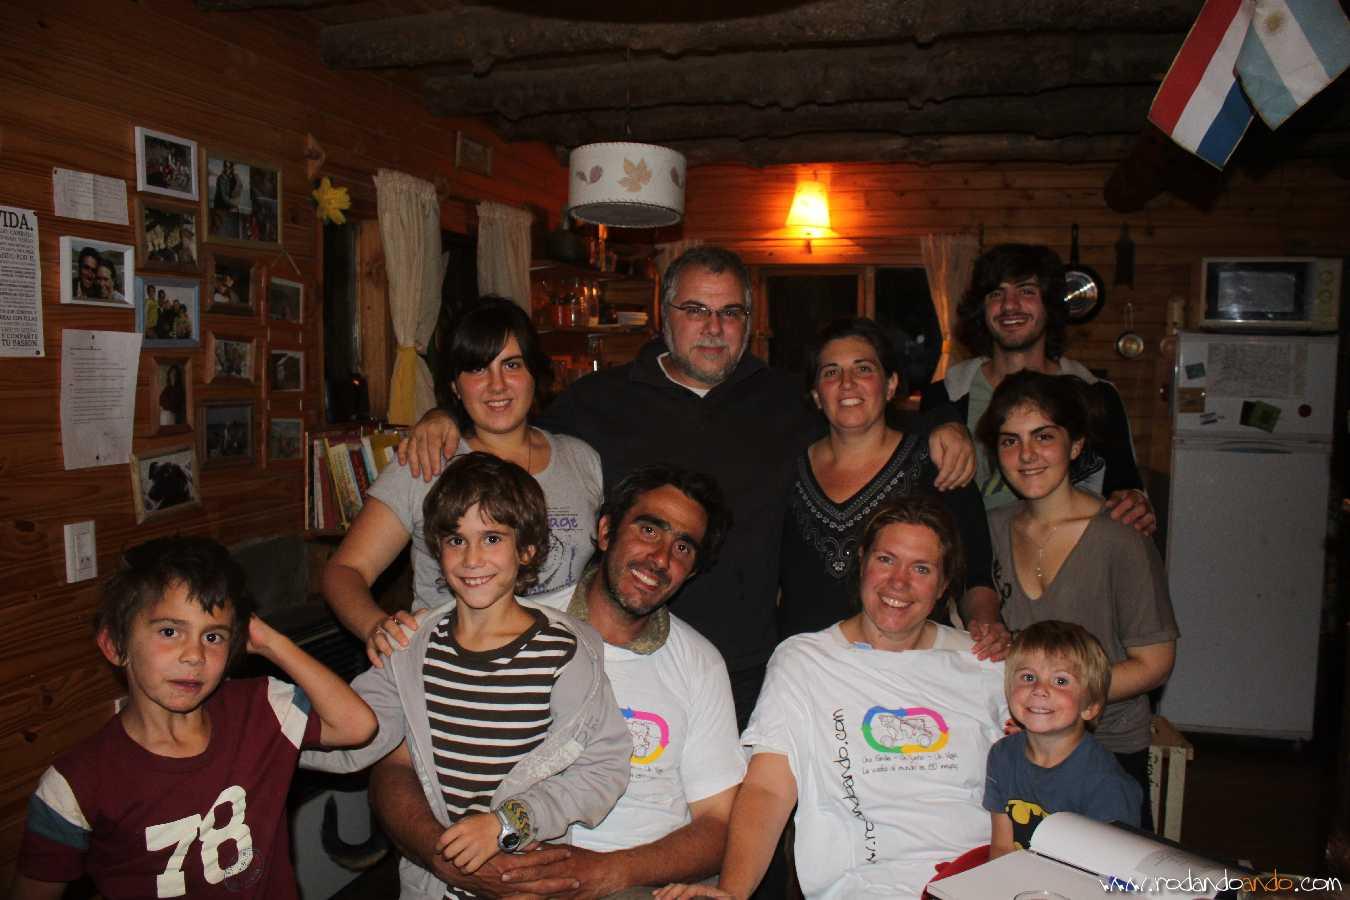 De Izquierda a Derecha Pedro, Valentin, Nico, Gwen y Bautista.